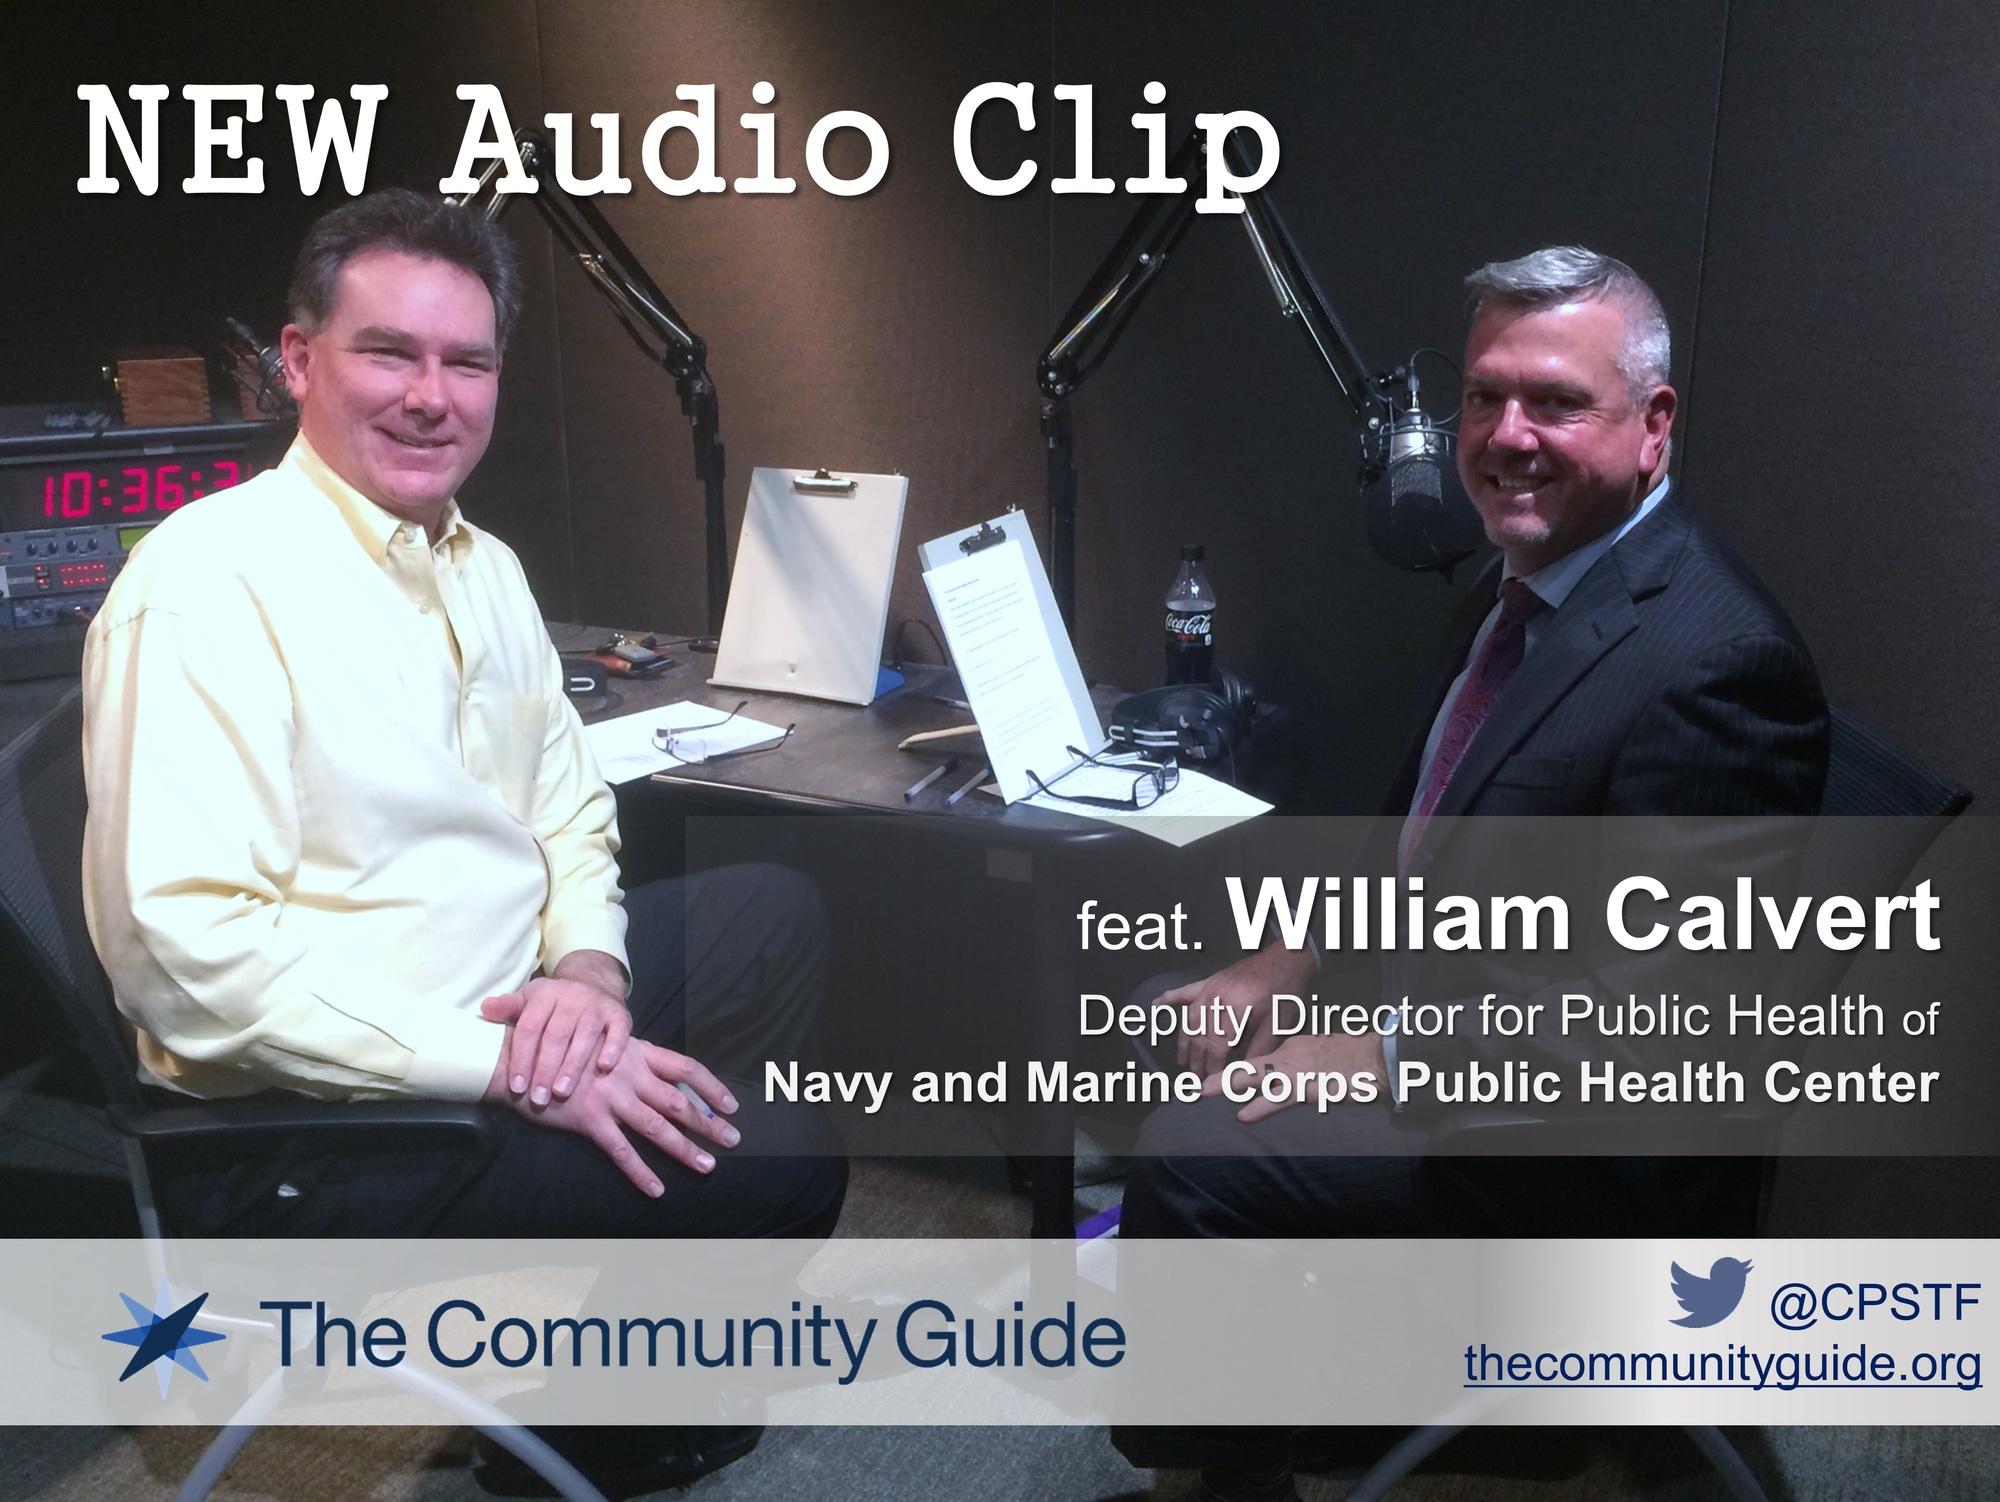 photo of william calvert and john anderton in recording studio